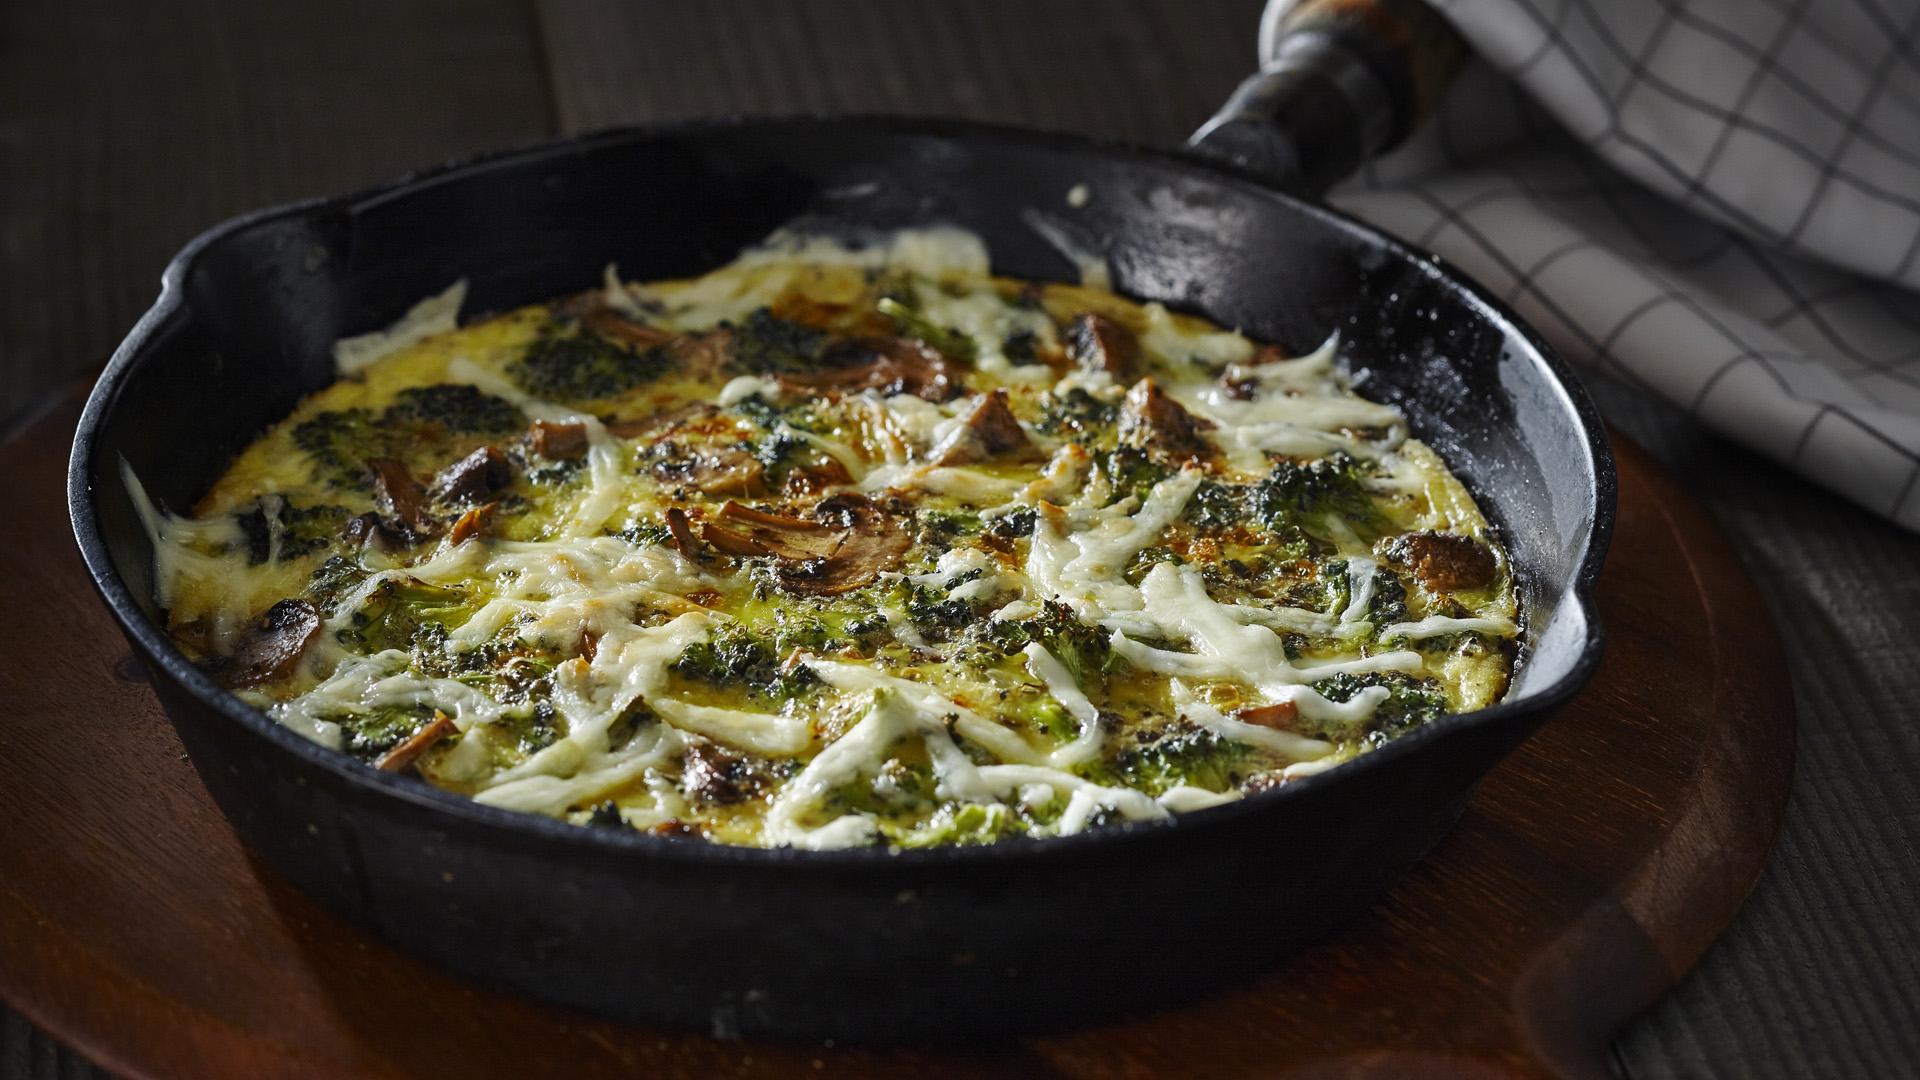 Frittata de brocoli et de champignons avec mozzarella râpée dans une poêle